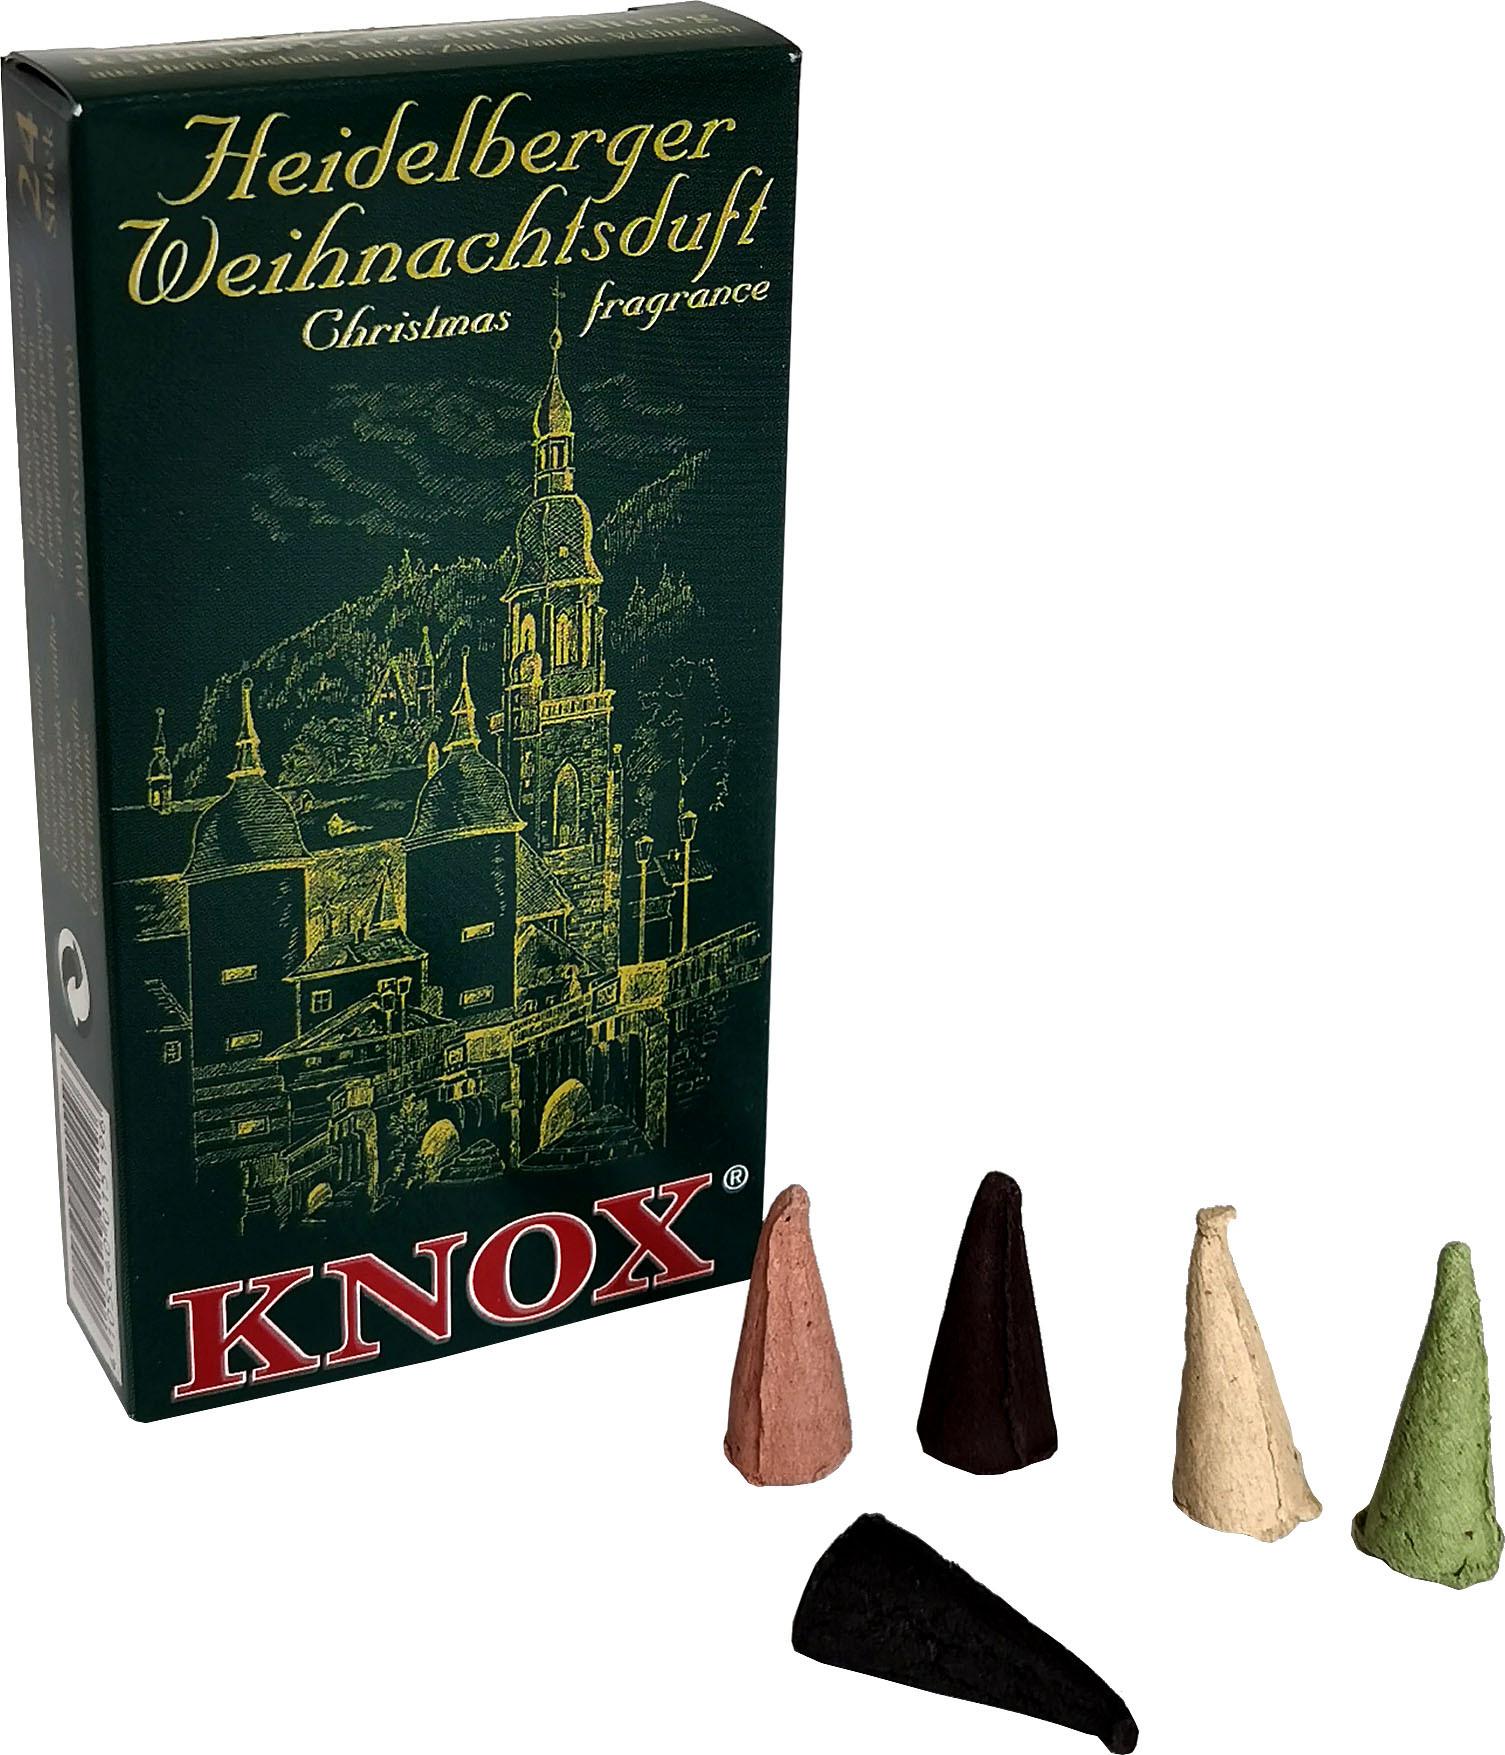 KNOX Räucherkerzen - Städteduft - Heidelberger Weihnachtsduft